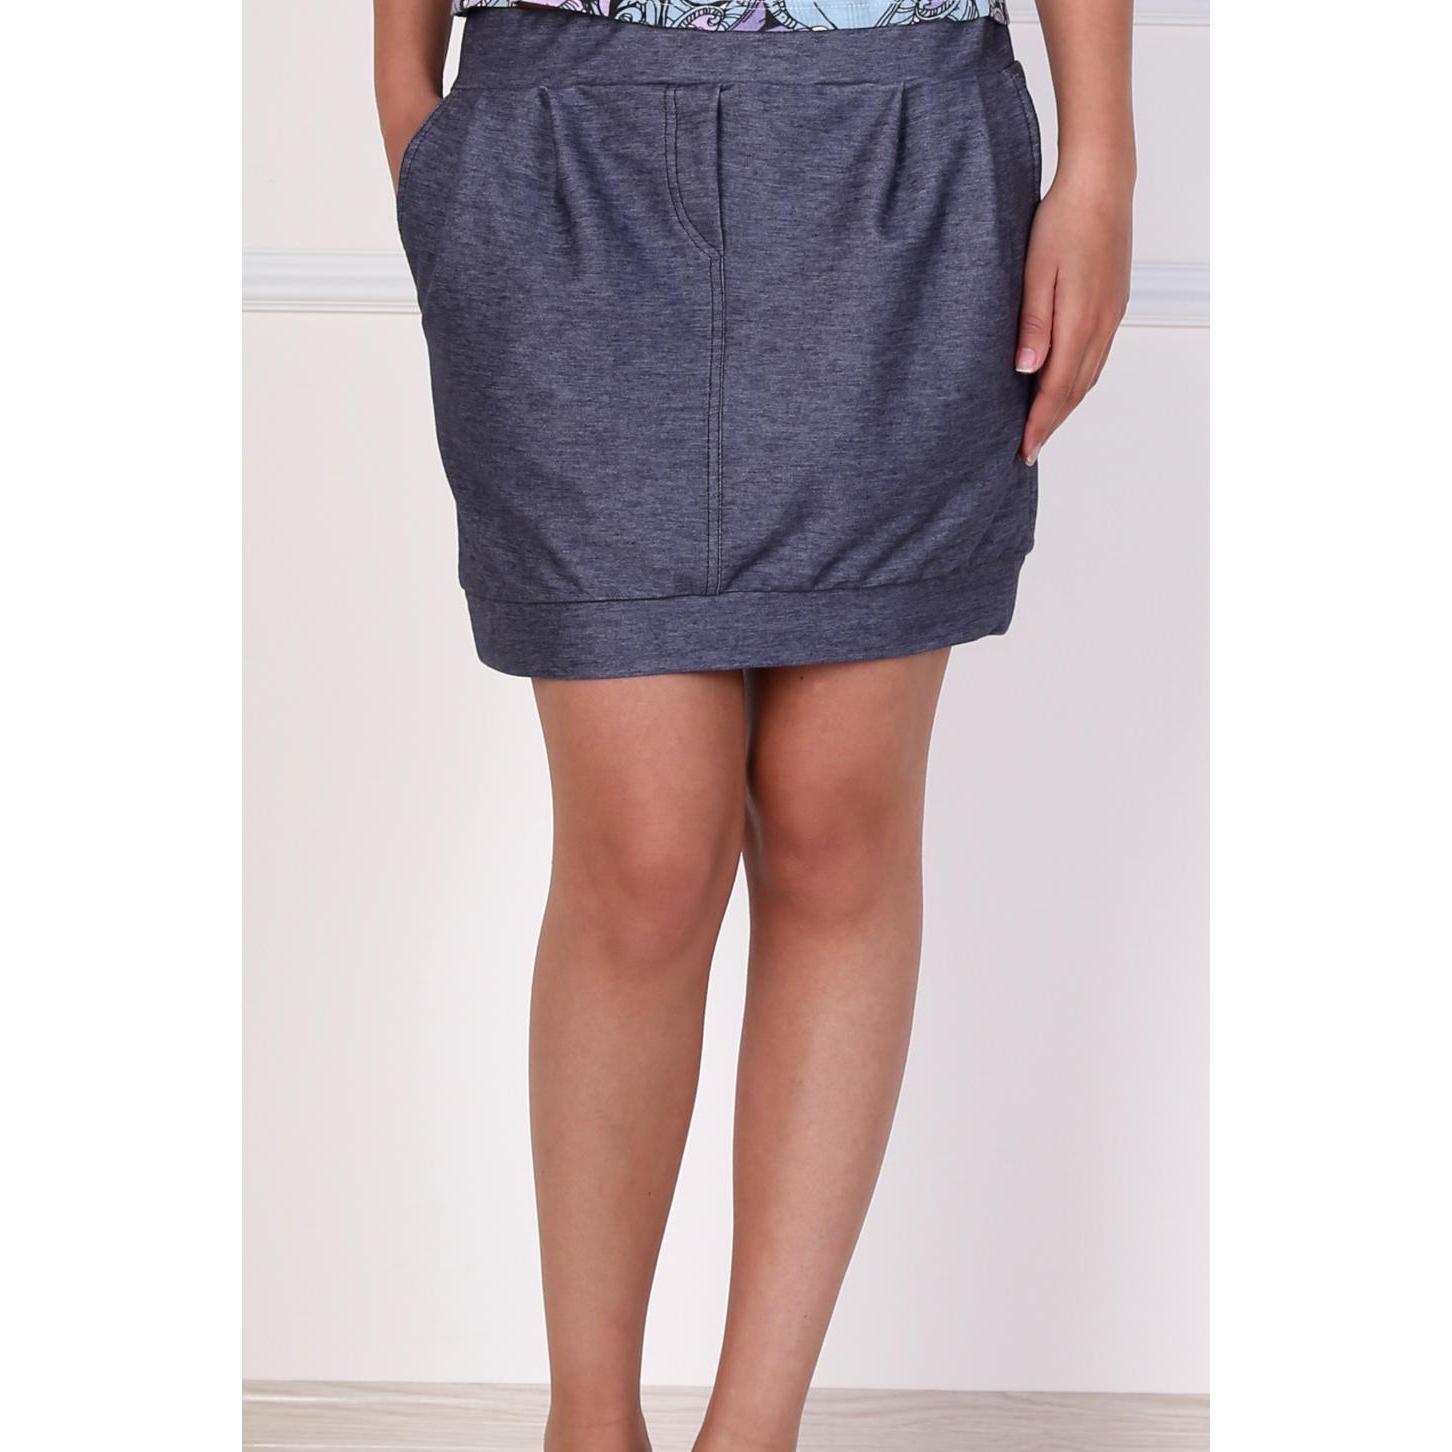 Женская юбка Зара Синий, размер 48Шорты и бриджи<br>Обхват талии: 78 см <br>Обхват бедер: 104 см <br>Рост: 167 см<br><br>Тип: Жен. юбка<br>Размер: 48<br>Материал: Футер